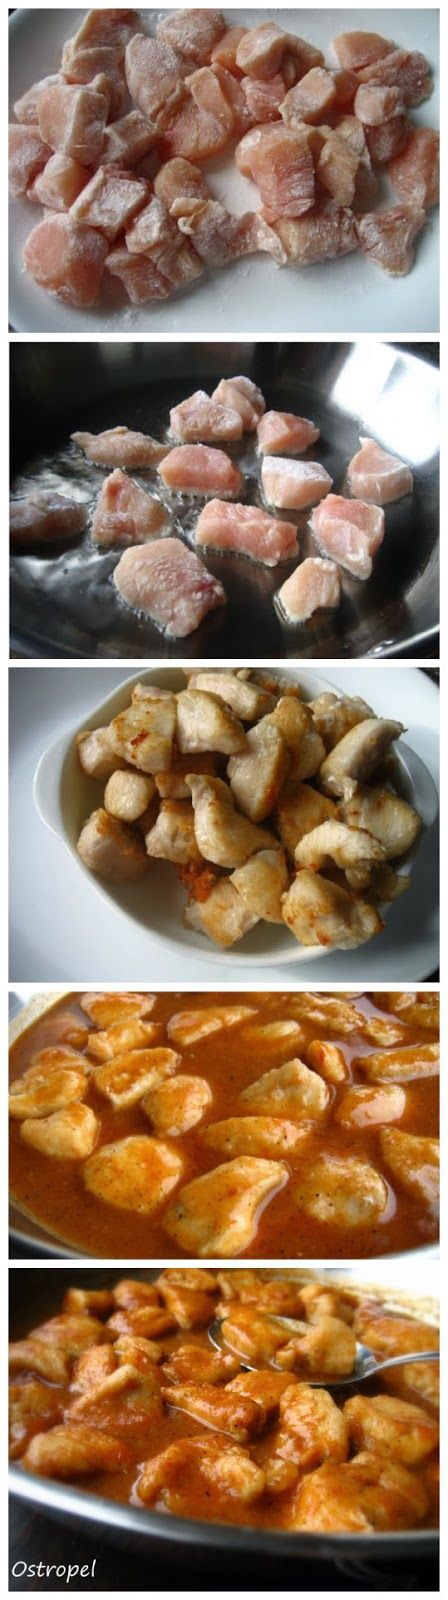 Romanian Ostropel...Chicken with Garlicky Tomato Gravy - Truelifekitchen